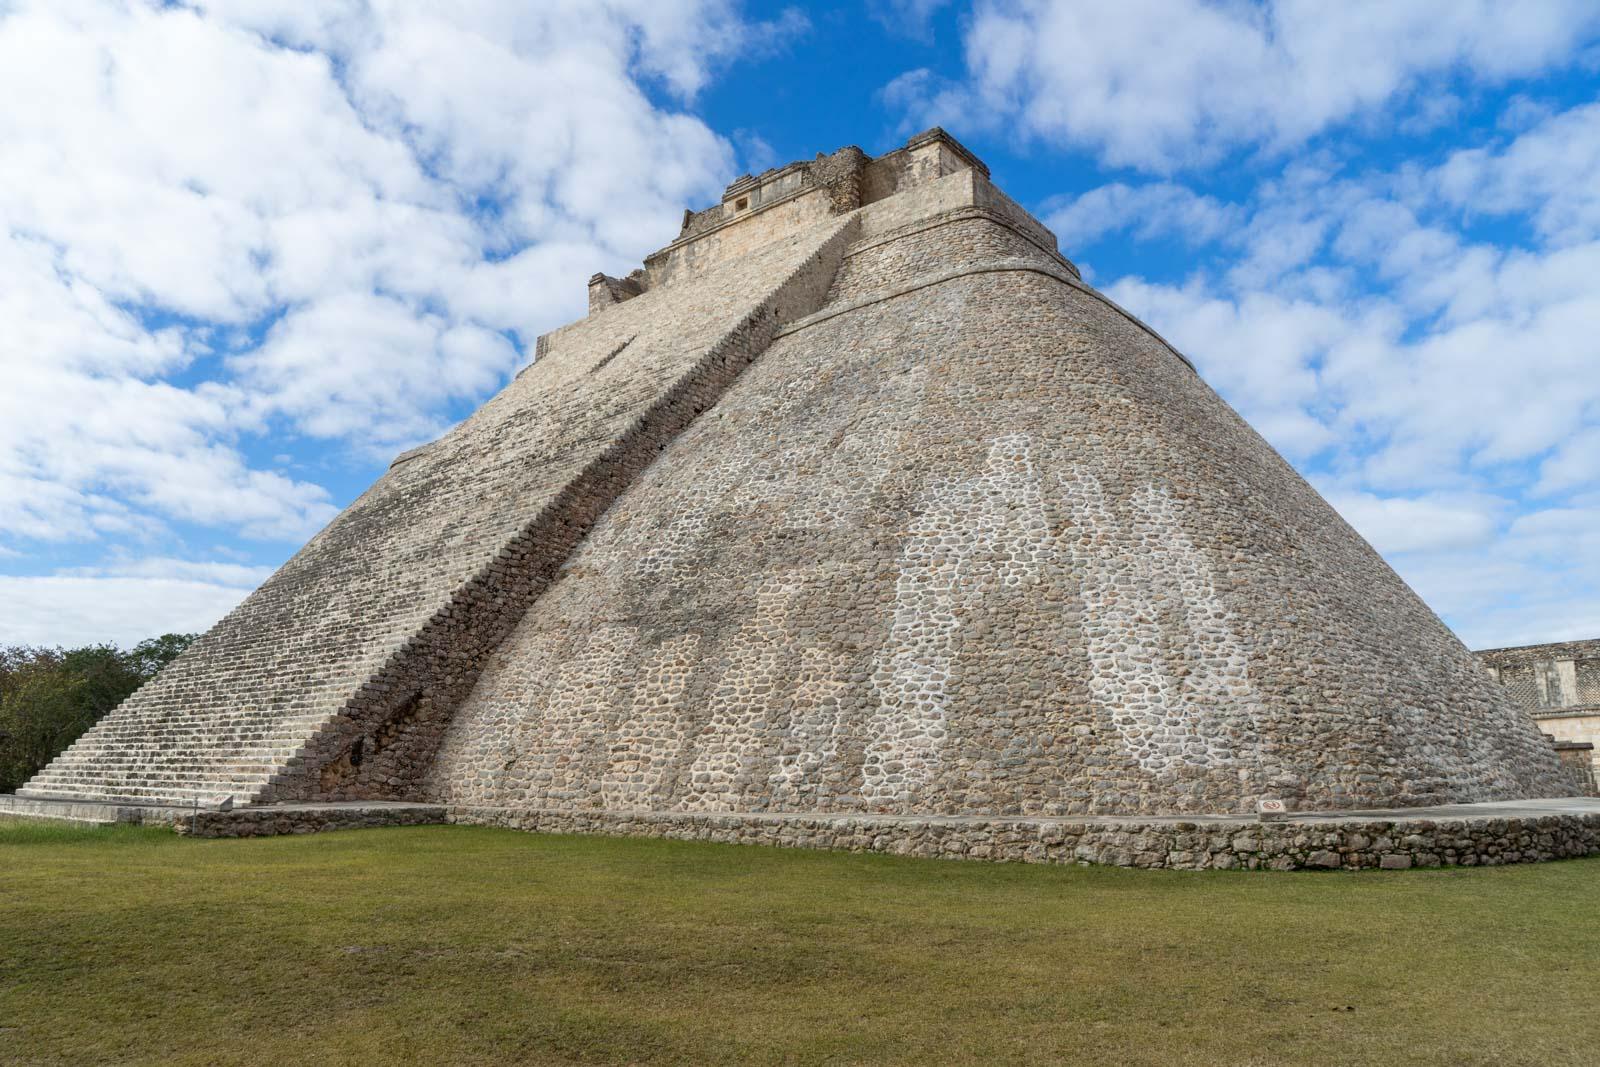 Uxmal ruins, Mayan ruins, Mexico